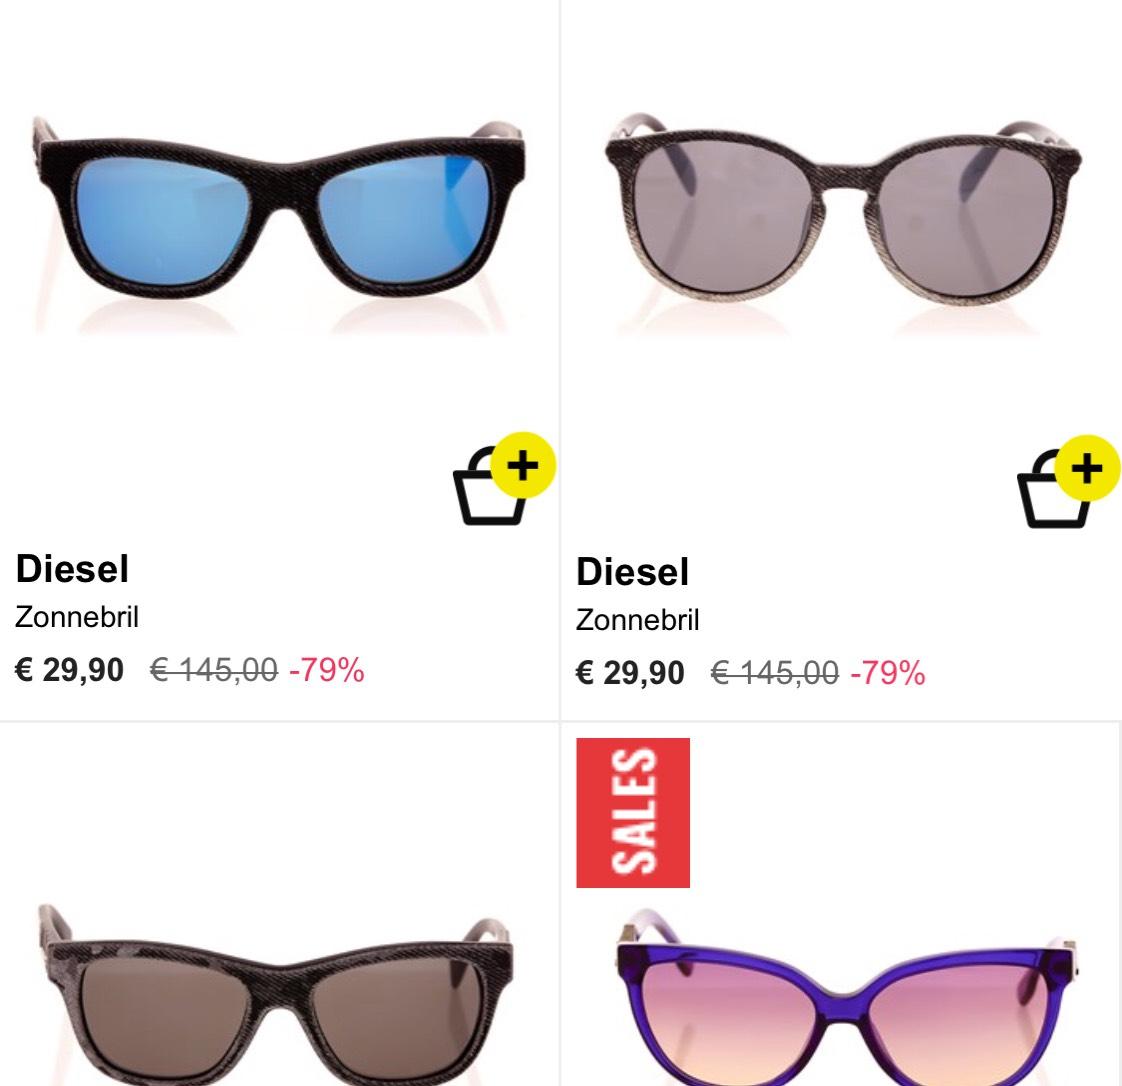 DIESEL dames zonnebrillen vanaf €19,90